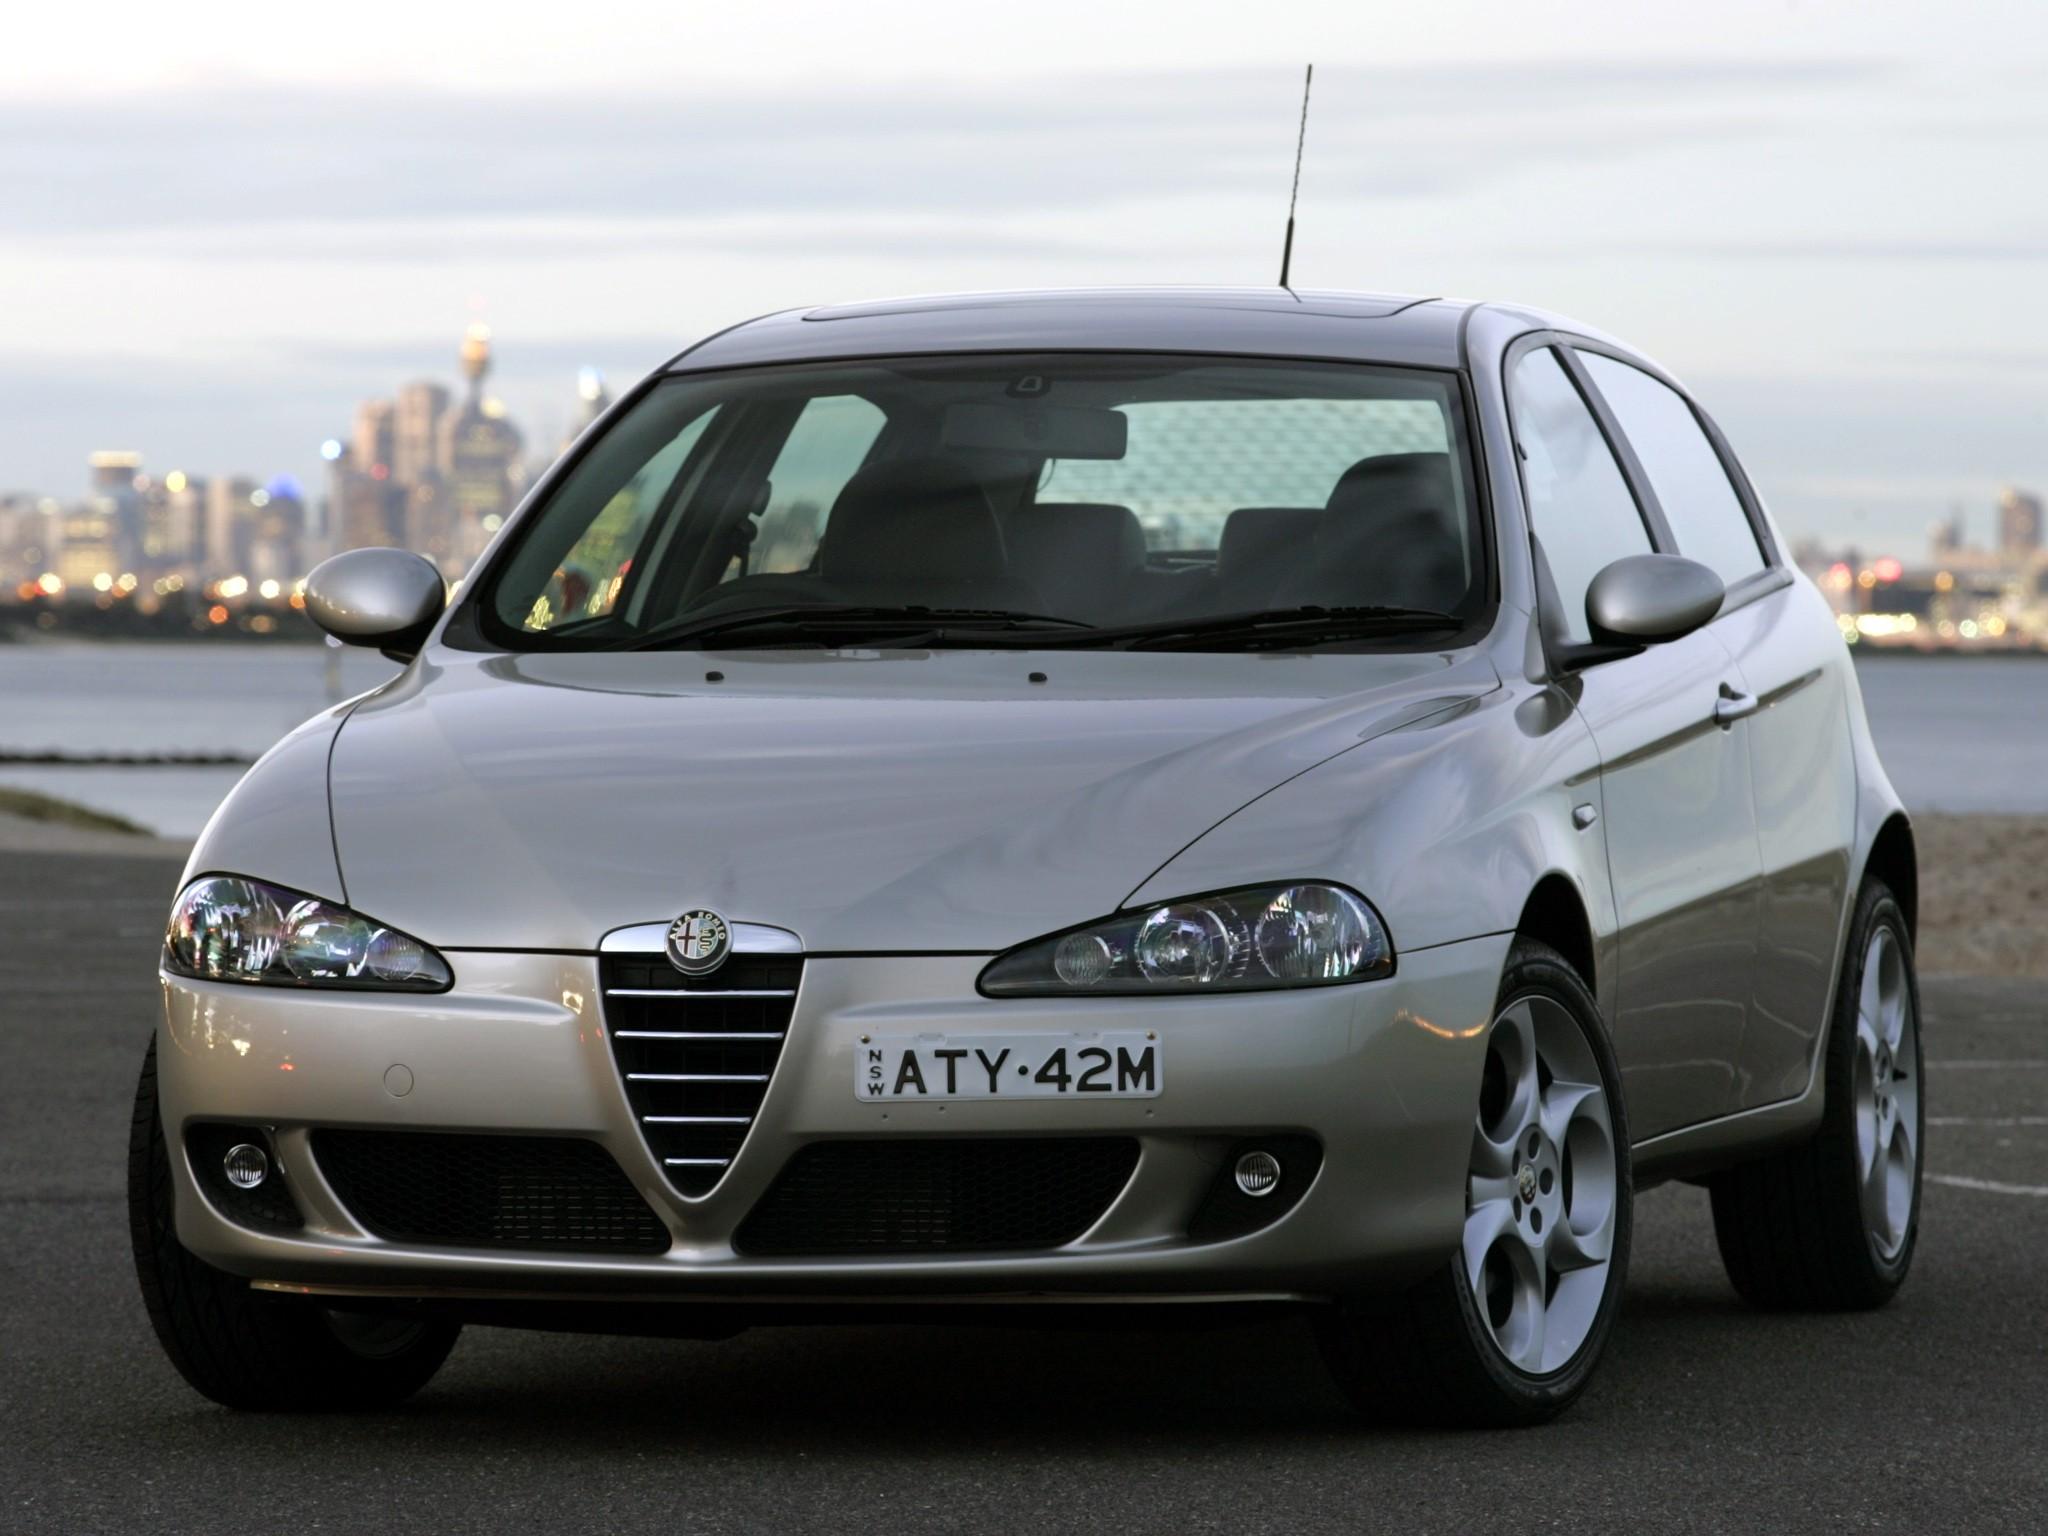 2009 Alfa Romeo 147 5 Doors